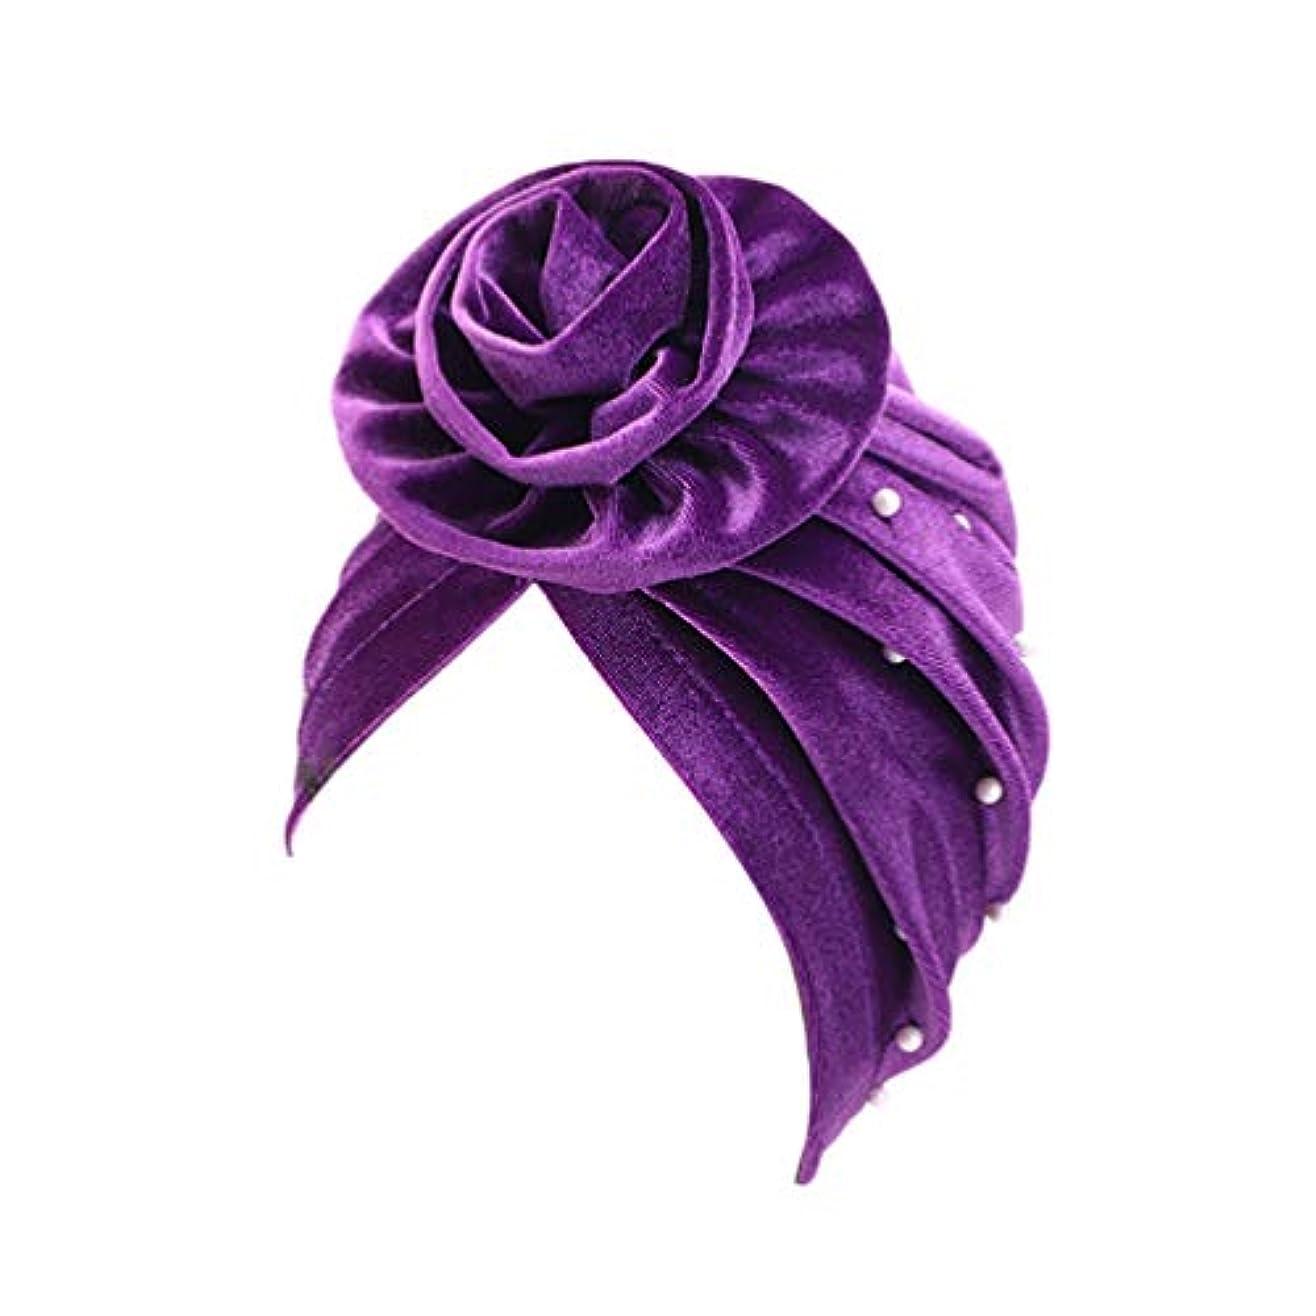 武器ウェイトレスリサイクルするHealifty 睡眠ナイトキャップ花の装飾ワイドバンドボンネットナイトヘッドカバーソフトヘアターバン女性用ヘアビューティーヘアケアキャップ(パープル)